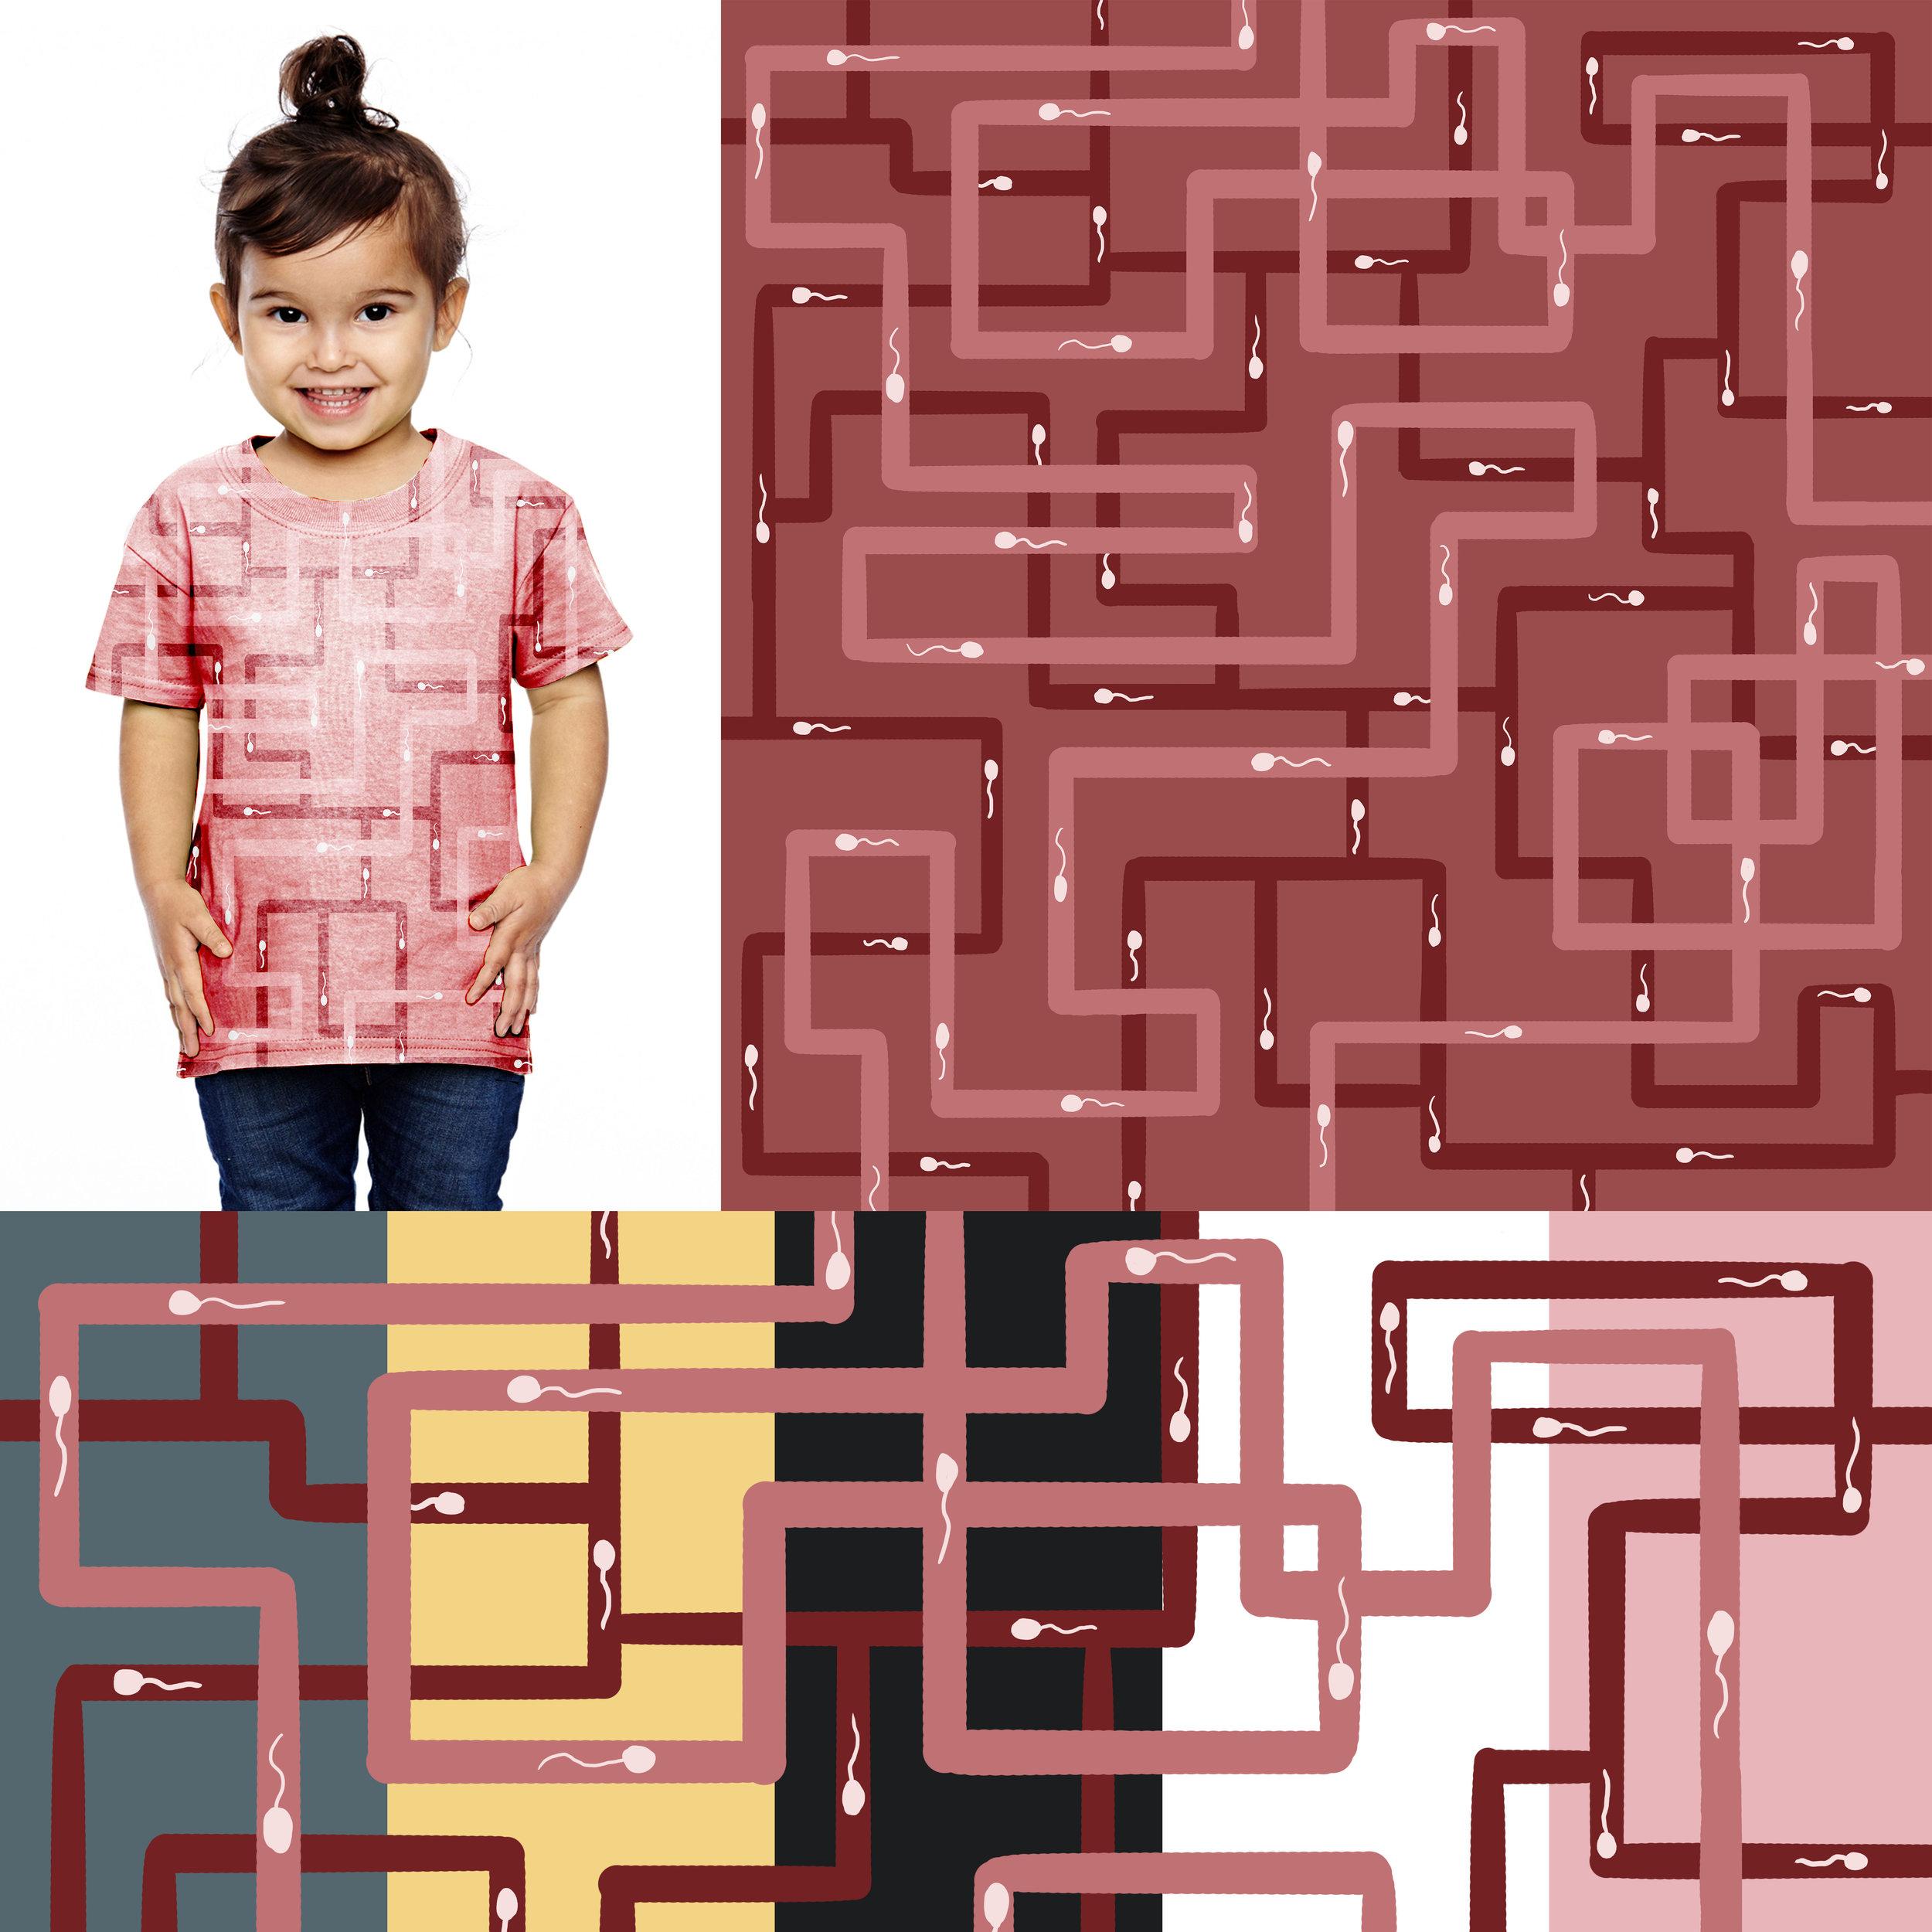 Sperm Maze